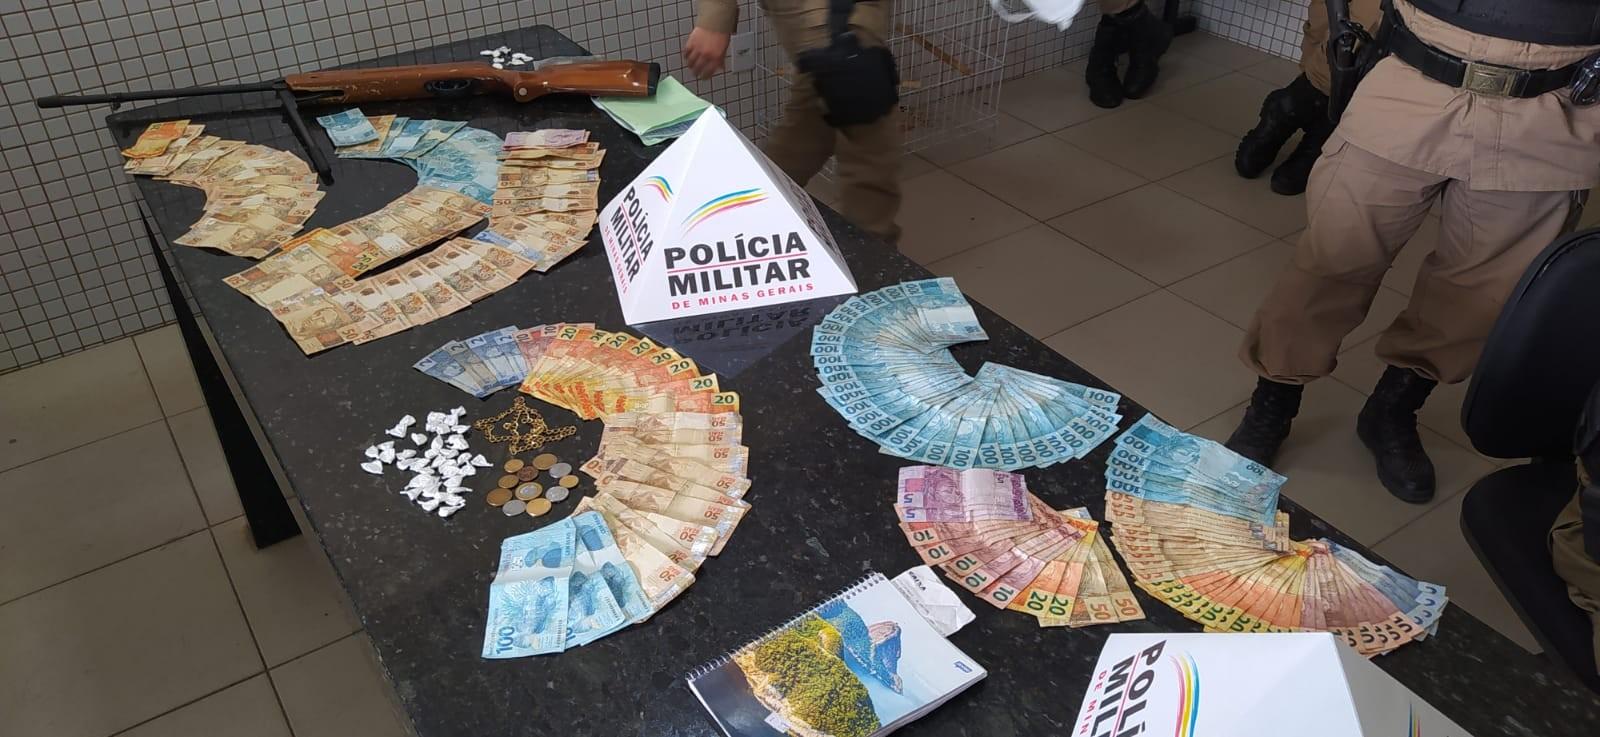 Polícia Militar realiza operação Télos em Caratinga e região